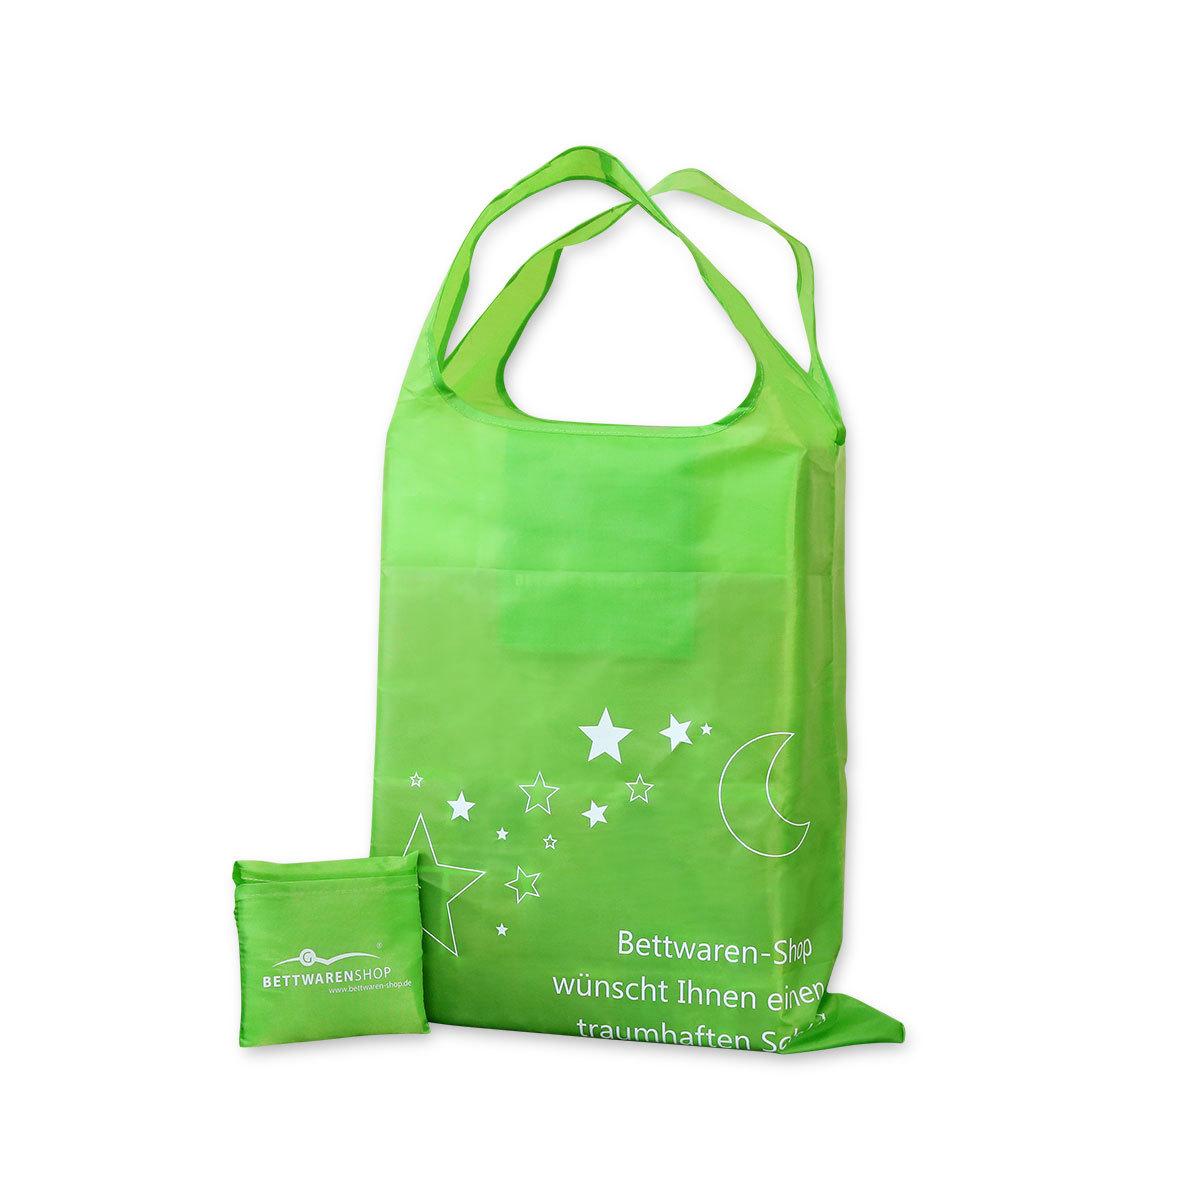 ff345a3323a54 Traumschlaf Faltbare Einkaufstasche günstig online kaufen bei ...